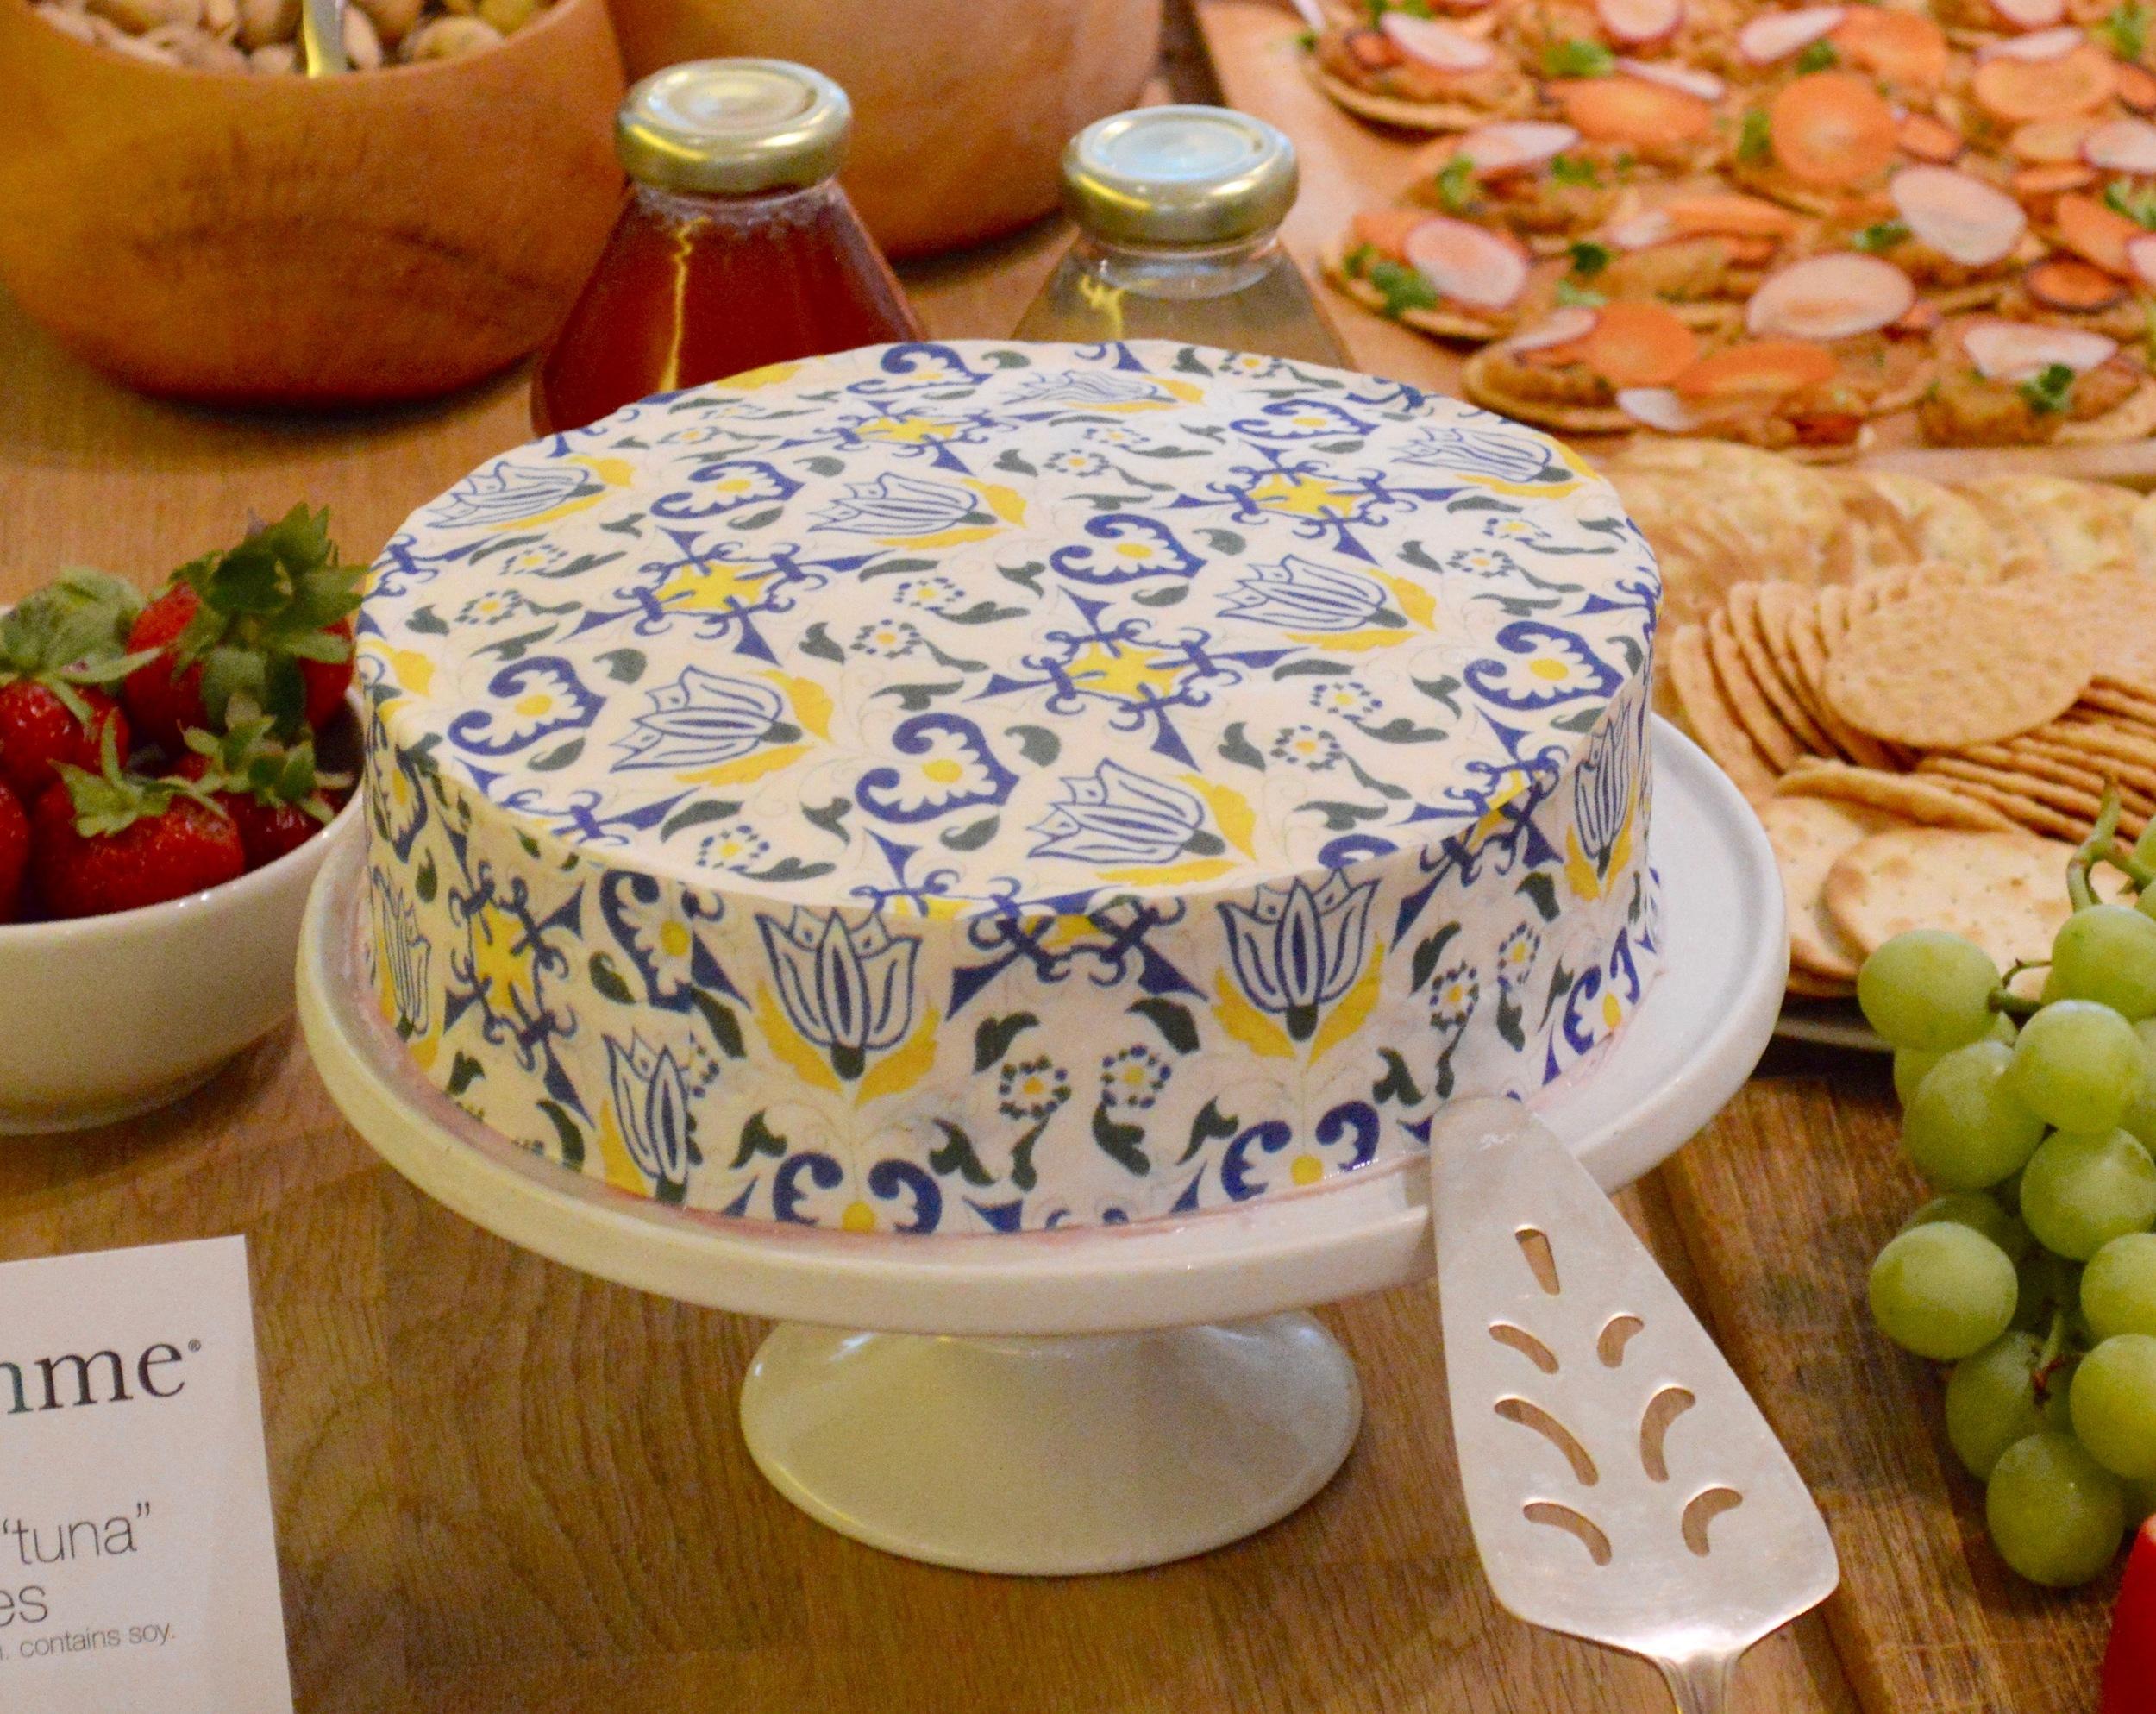 Lemony Blueberry Cake with  Amsterdam #ChefanieSheet